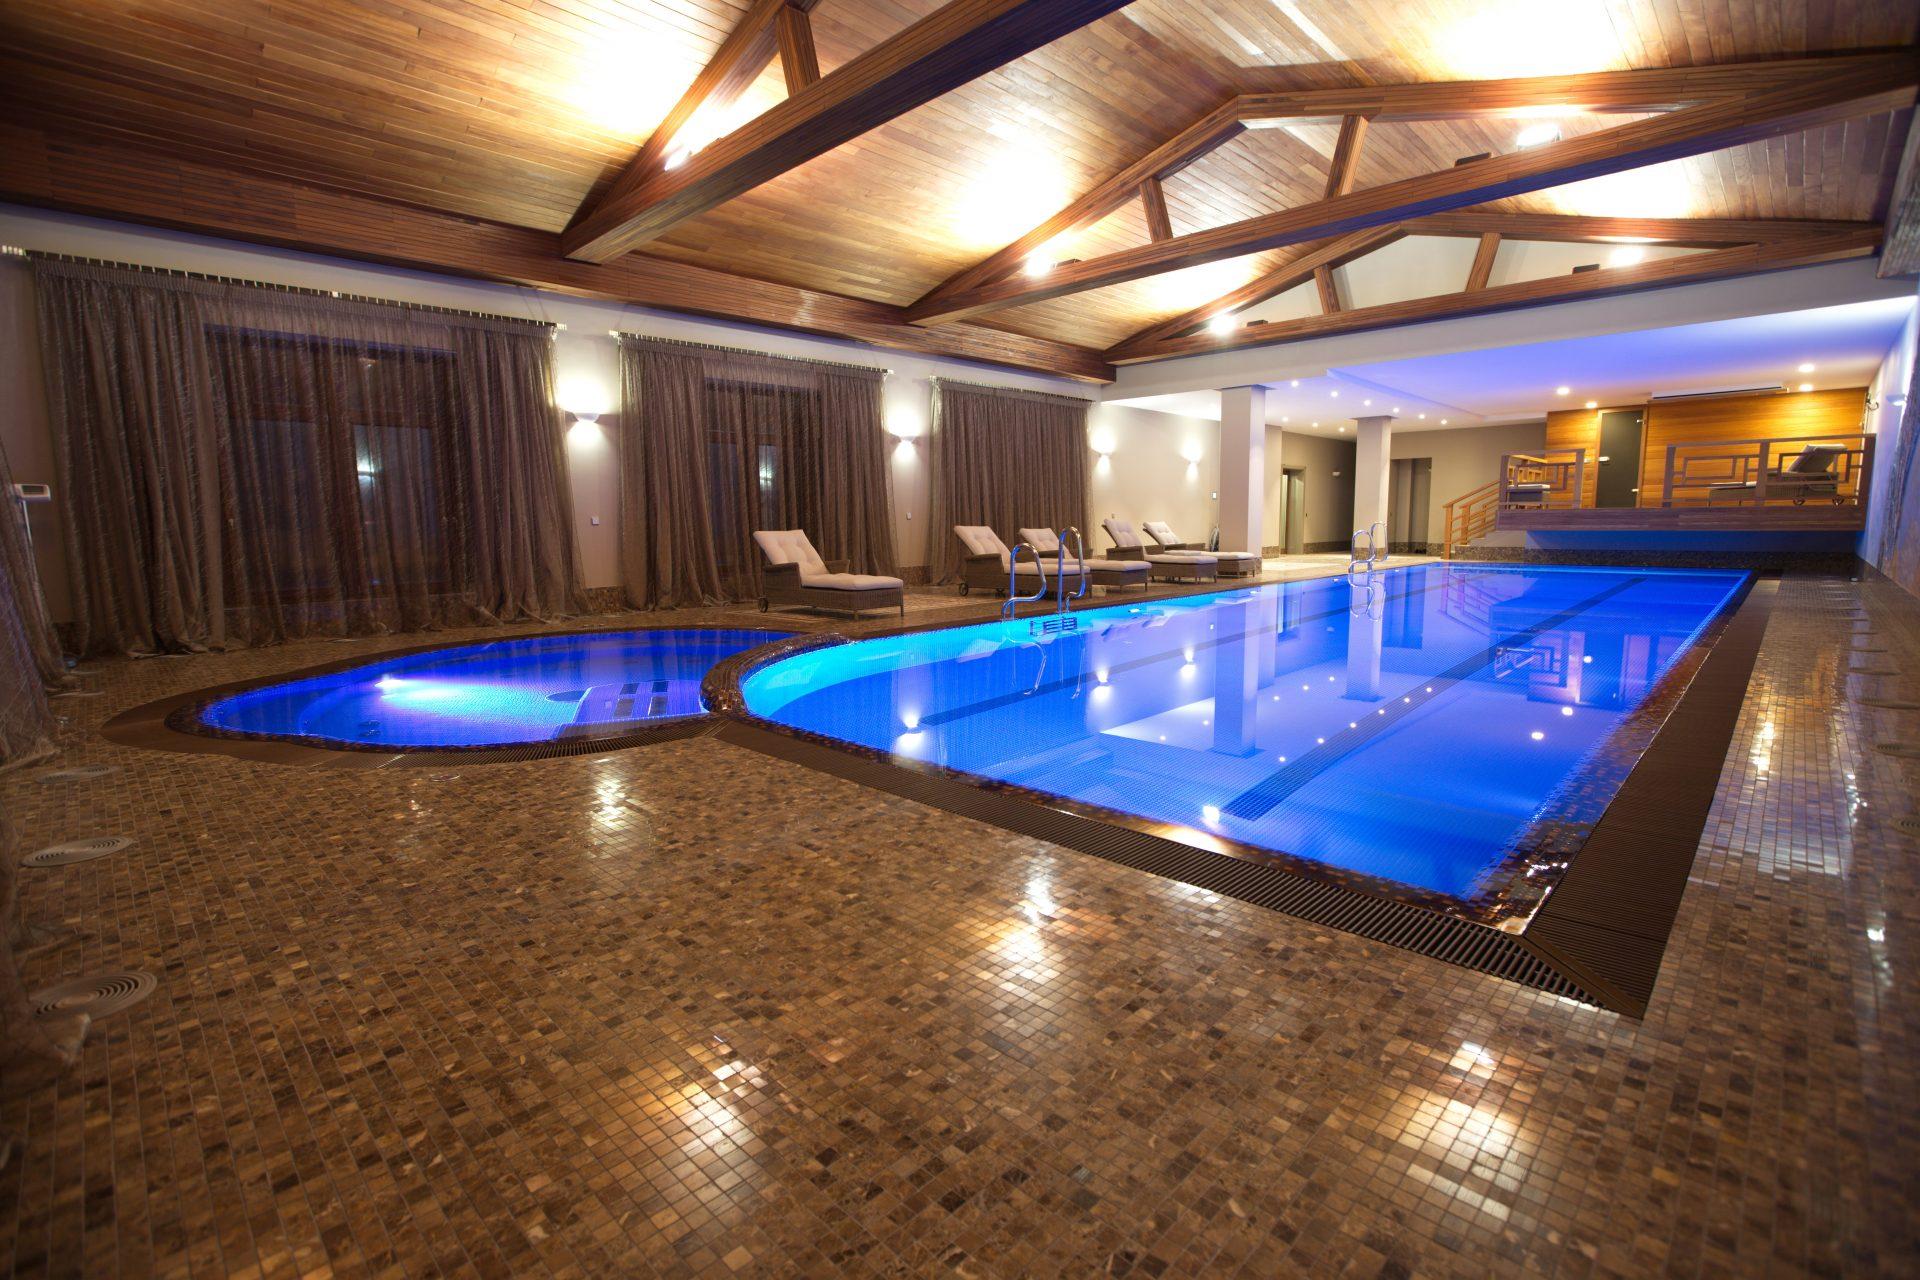 Частный бассейн с джакузи и необычным освещением Allpools